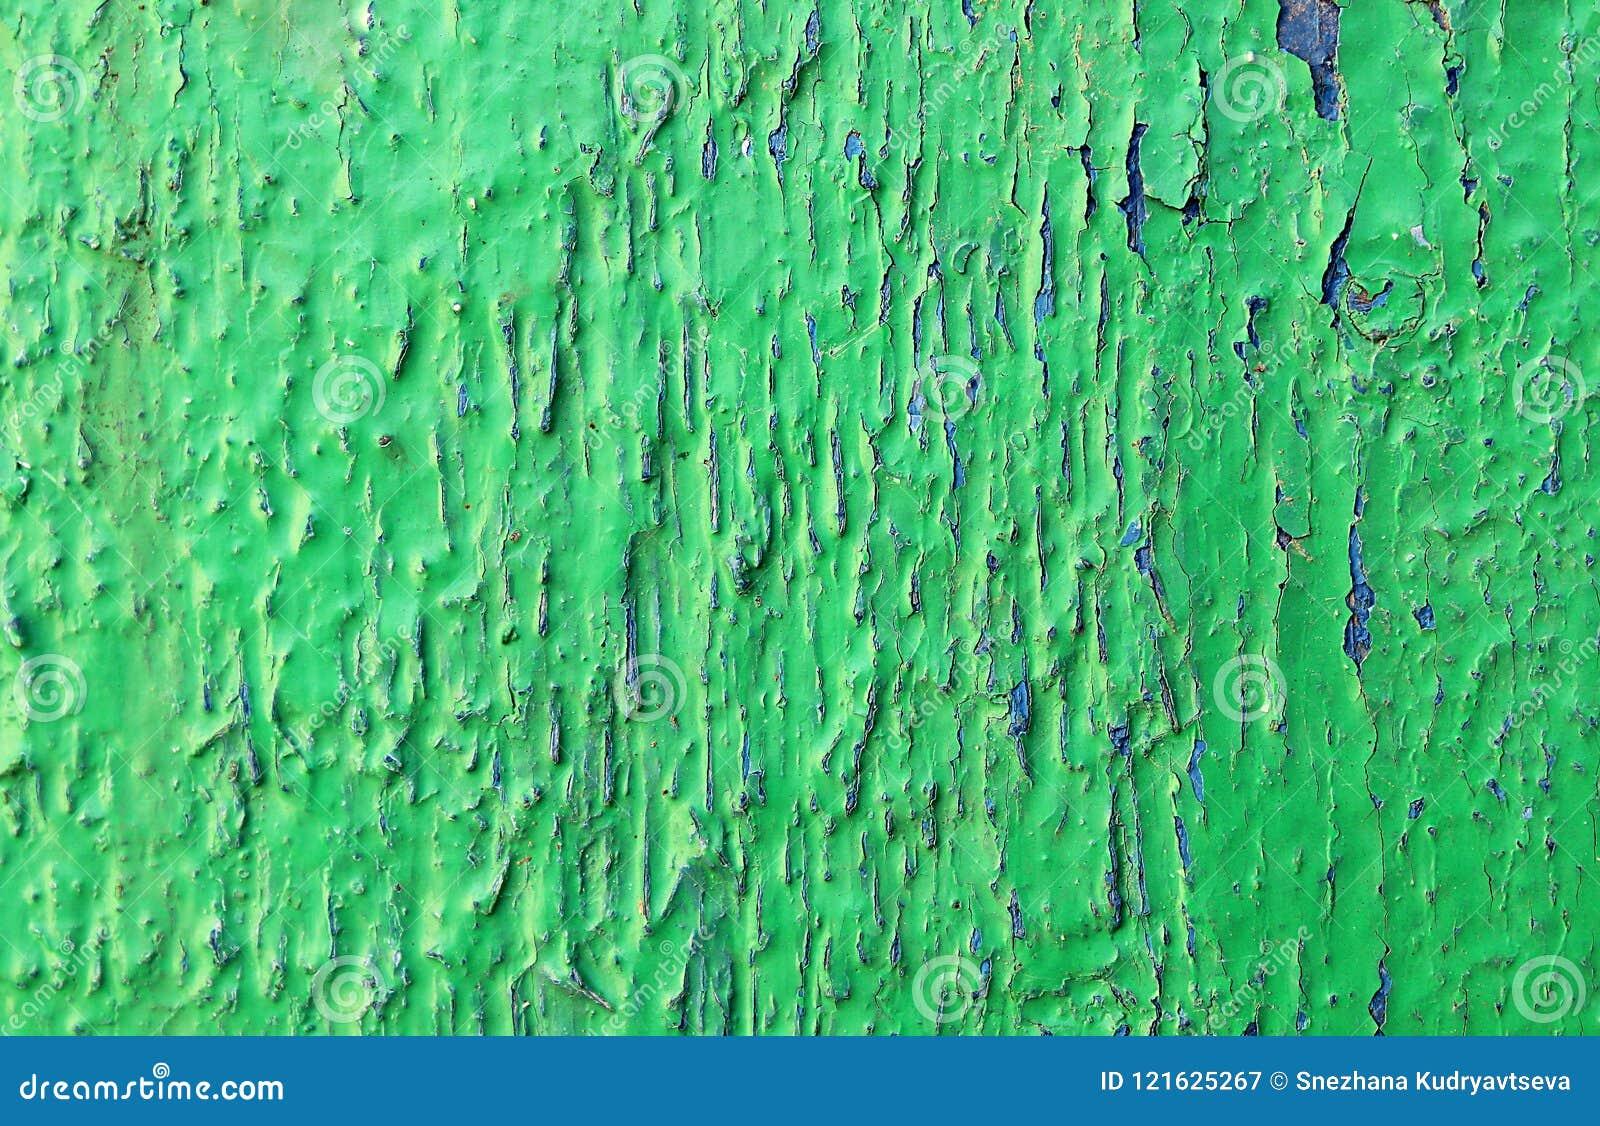 Verf van de textuur de oude schil groen met blauwe barst